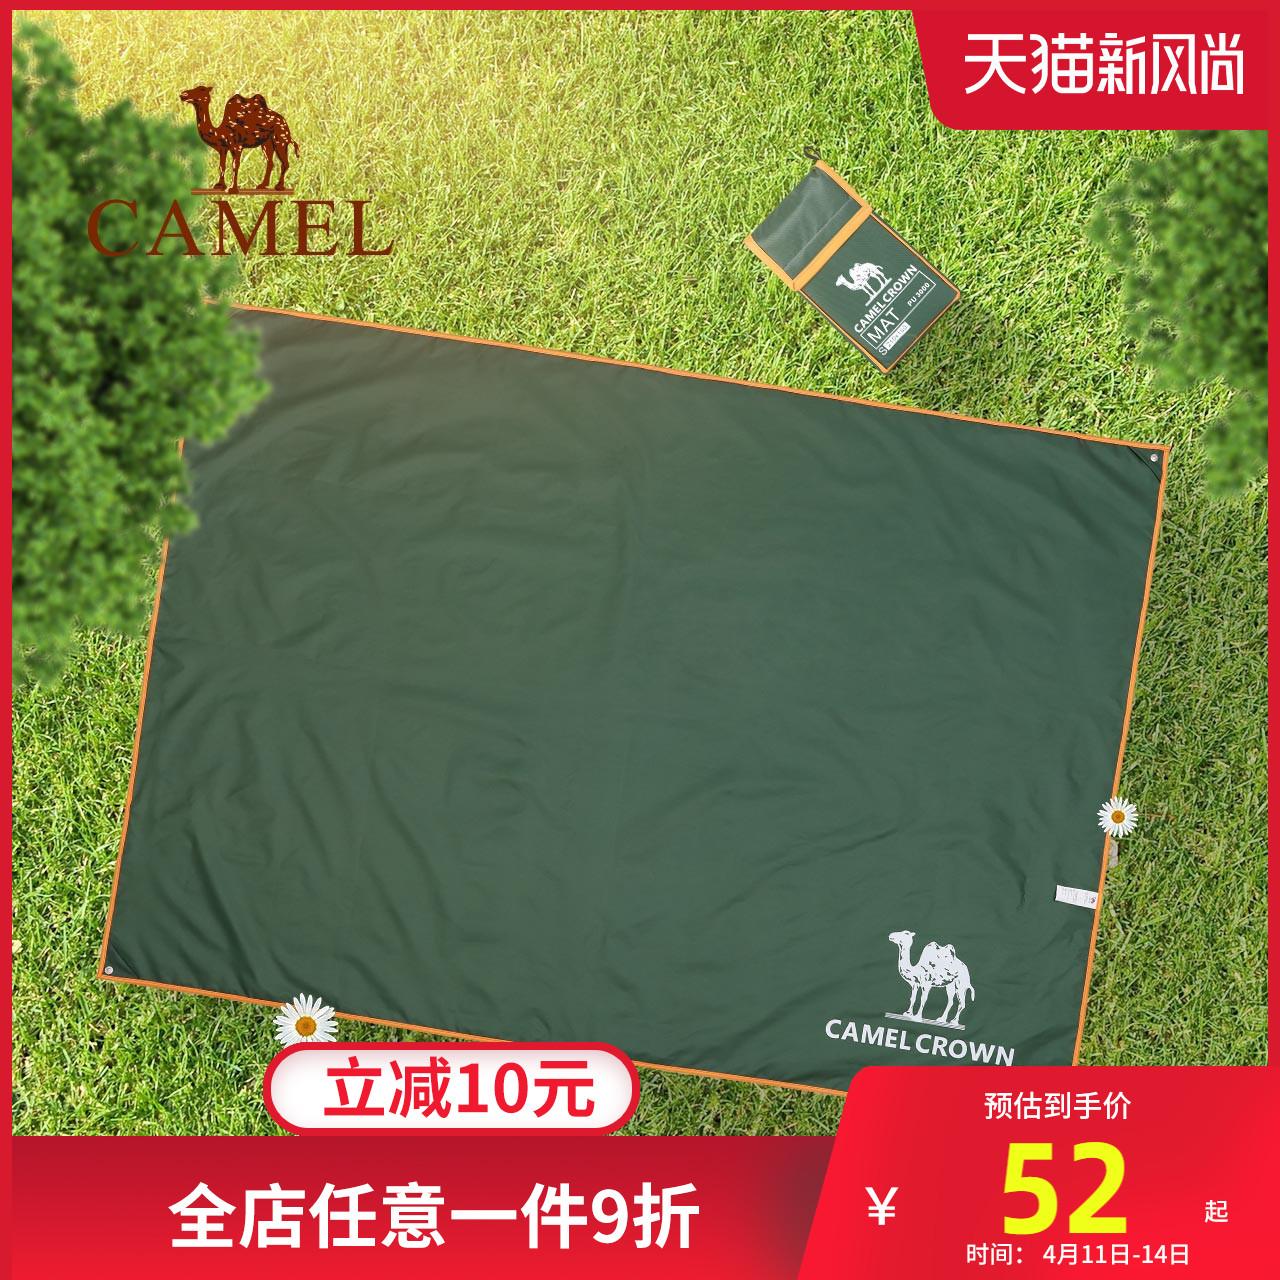 骆驼户外地席 2021新款露营旅行地垫 防水耐磨野餐垫牛津布防潮垫